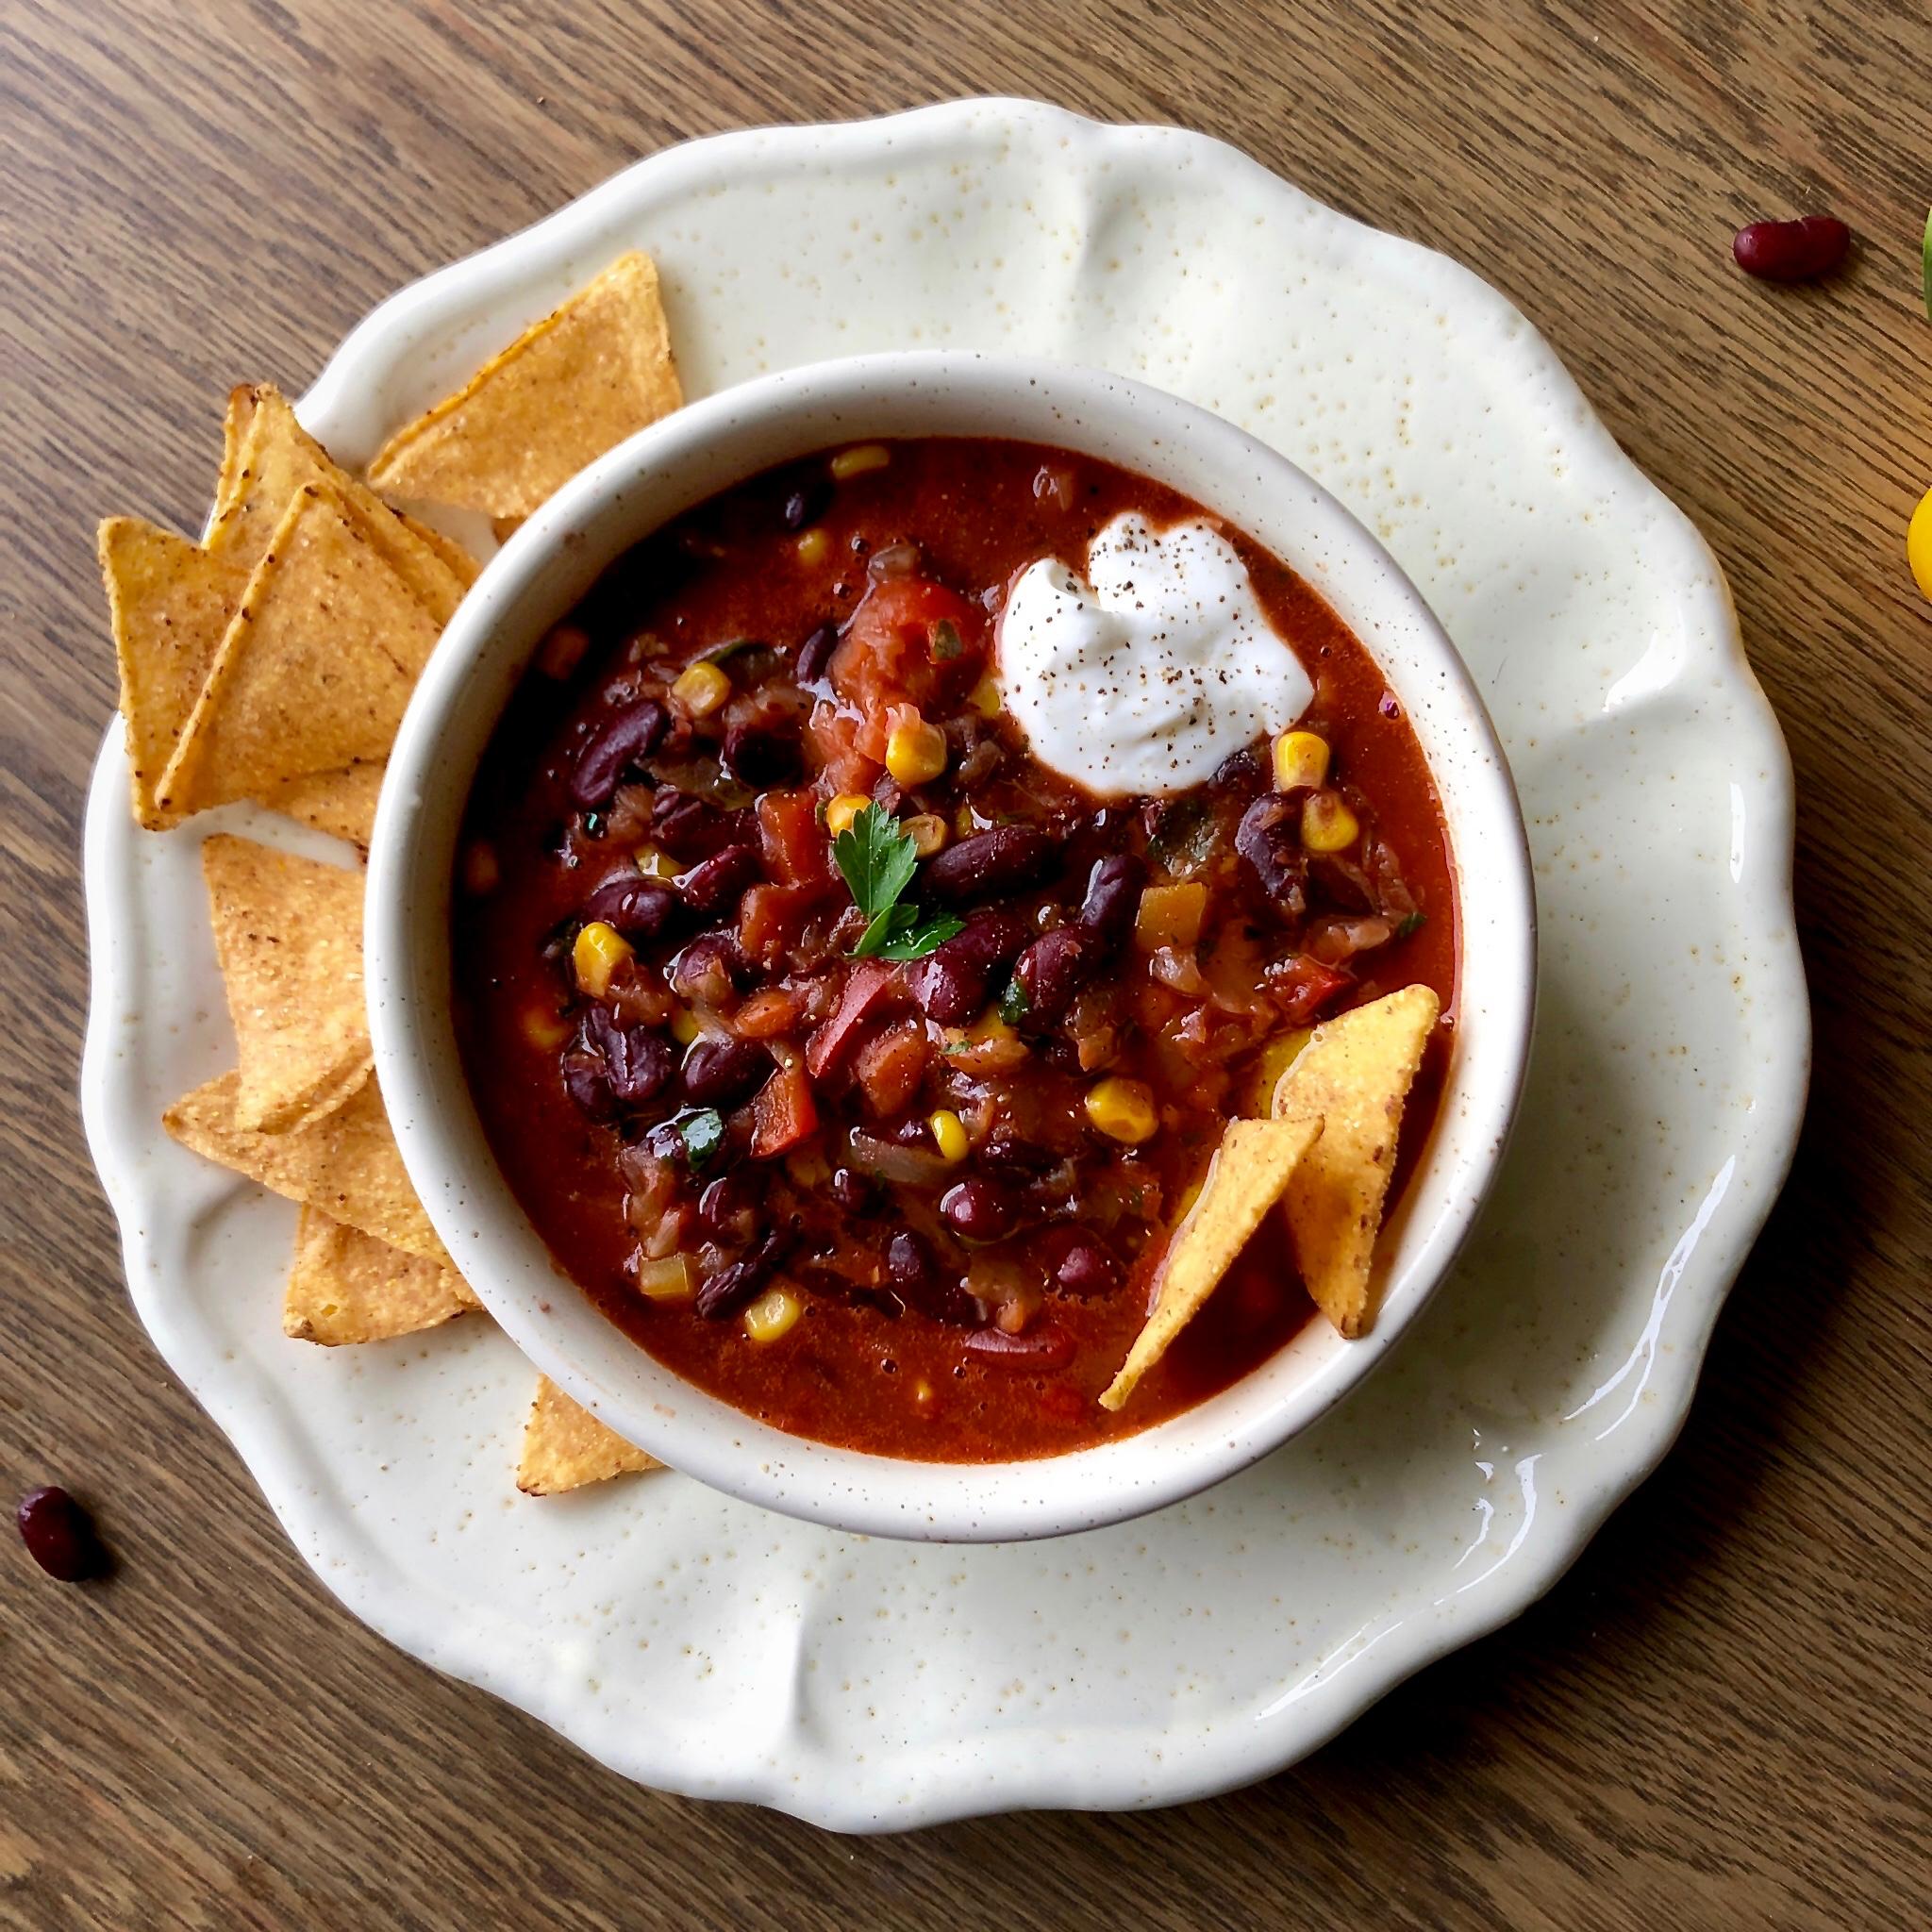 Zuppa di fagioli mais e peperoni alla messicana